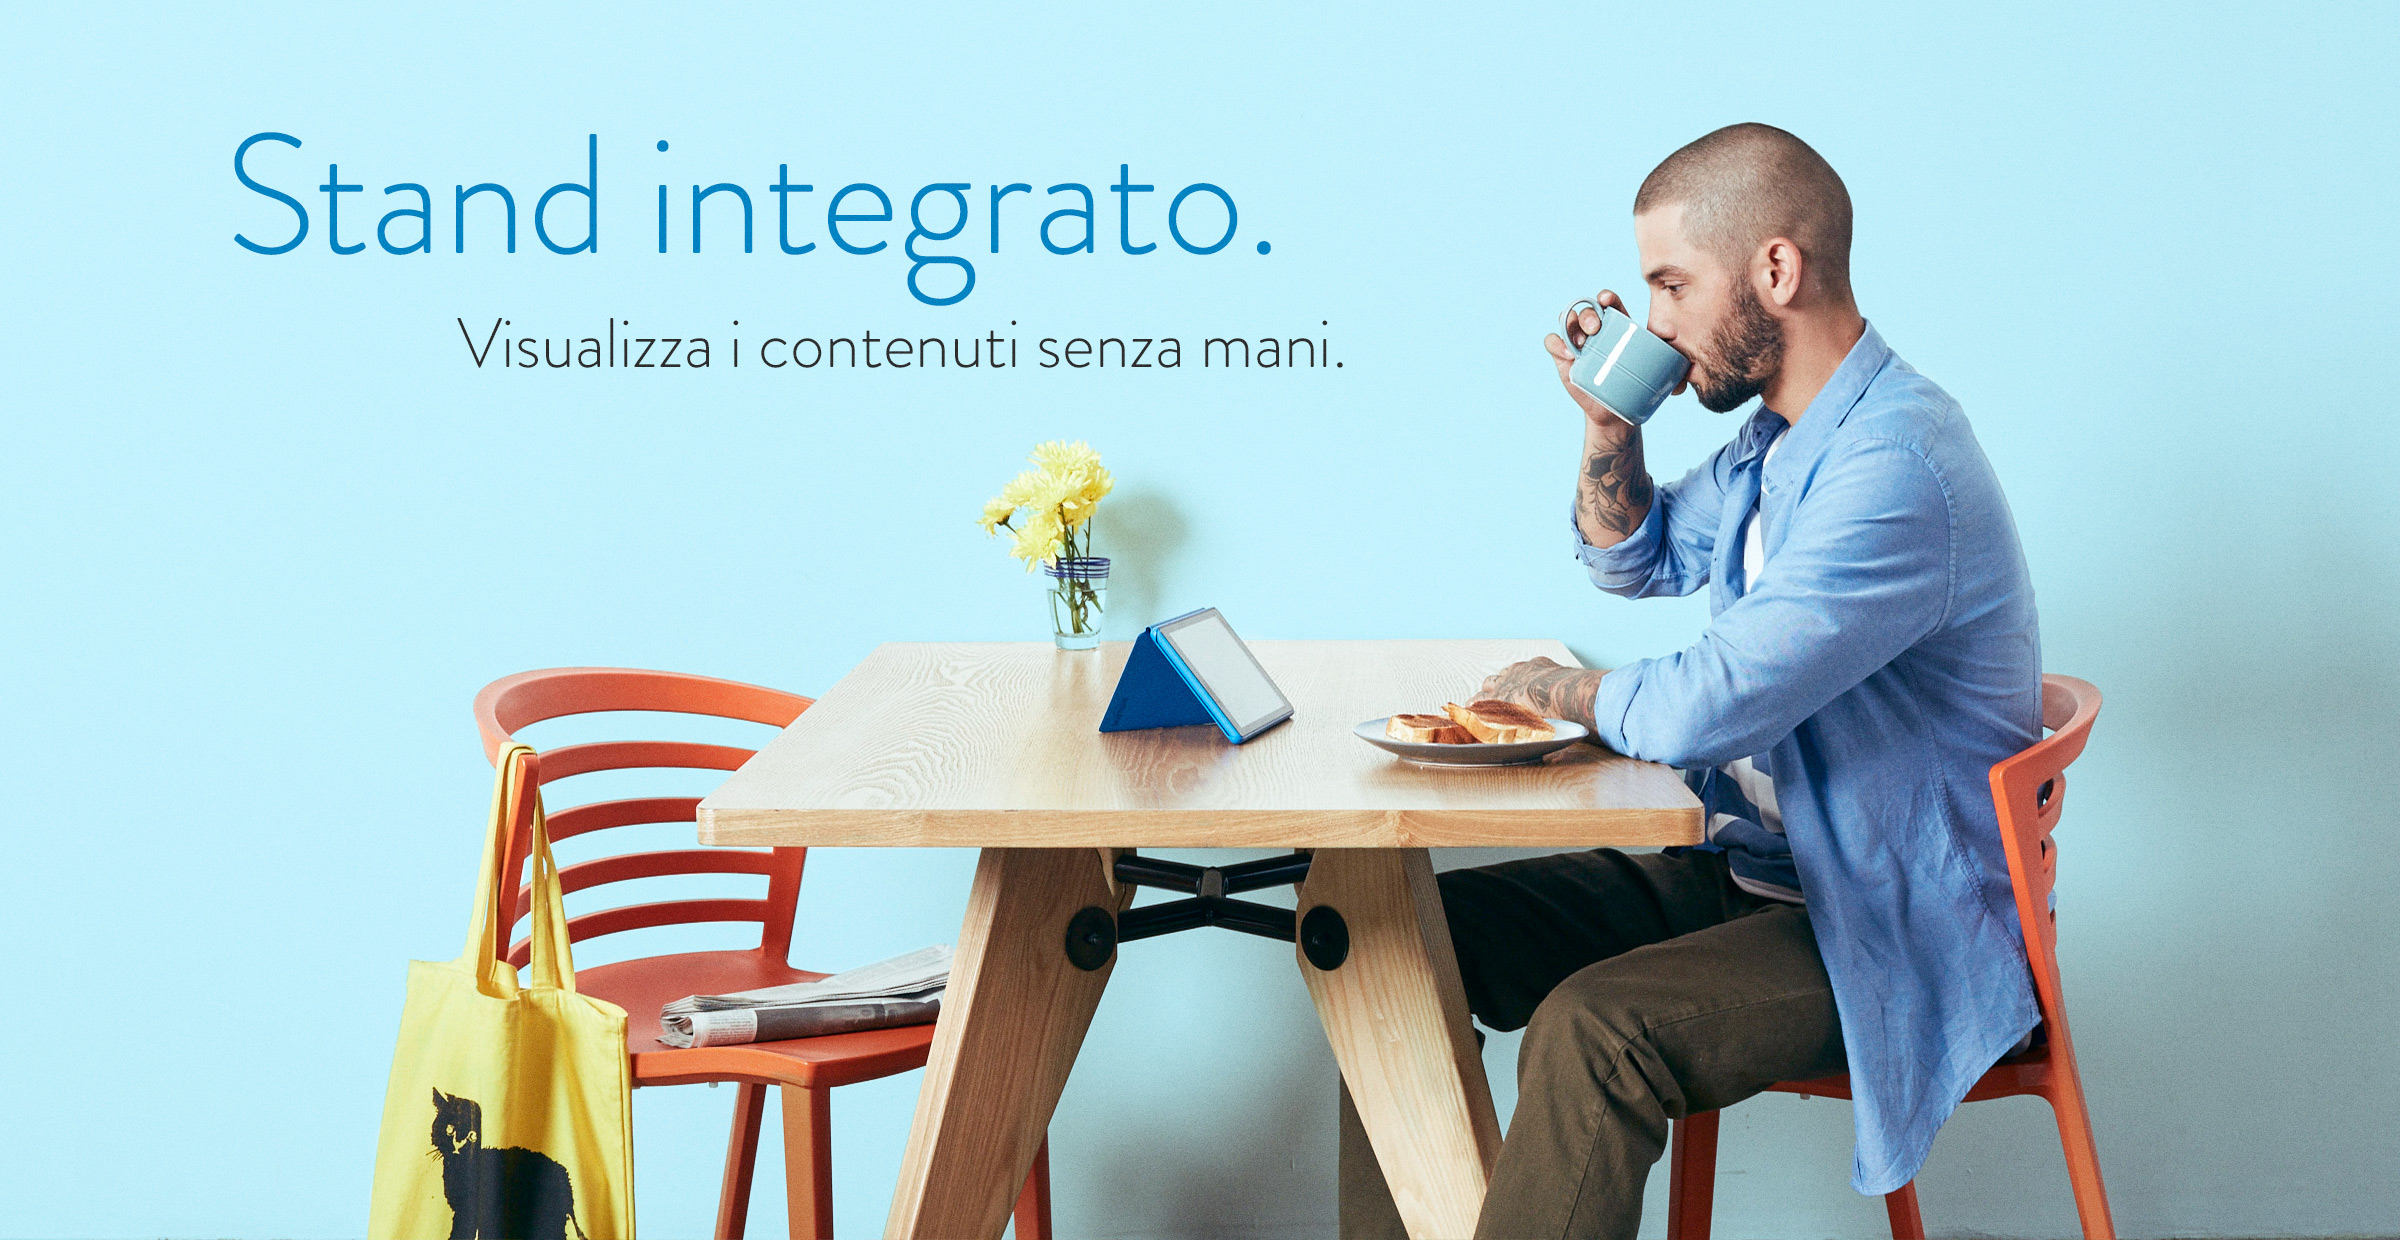 Stand integrato. Visualizza i contenuti senza mani.